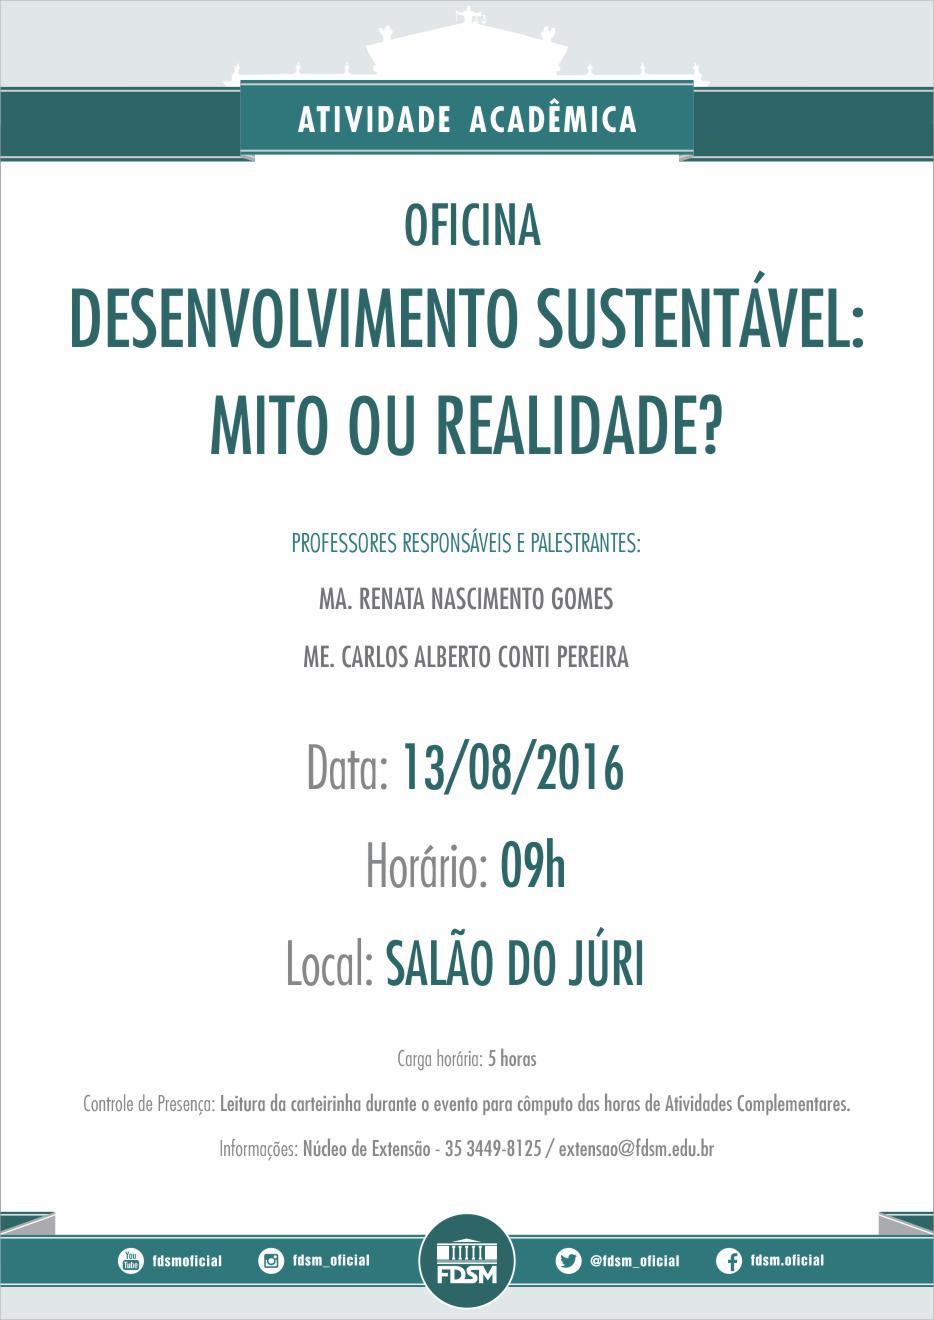 Cód 90: Desenvolvimento Sustentável: mito ou realidade?